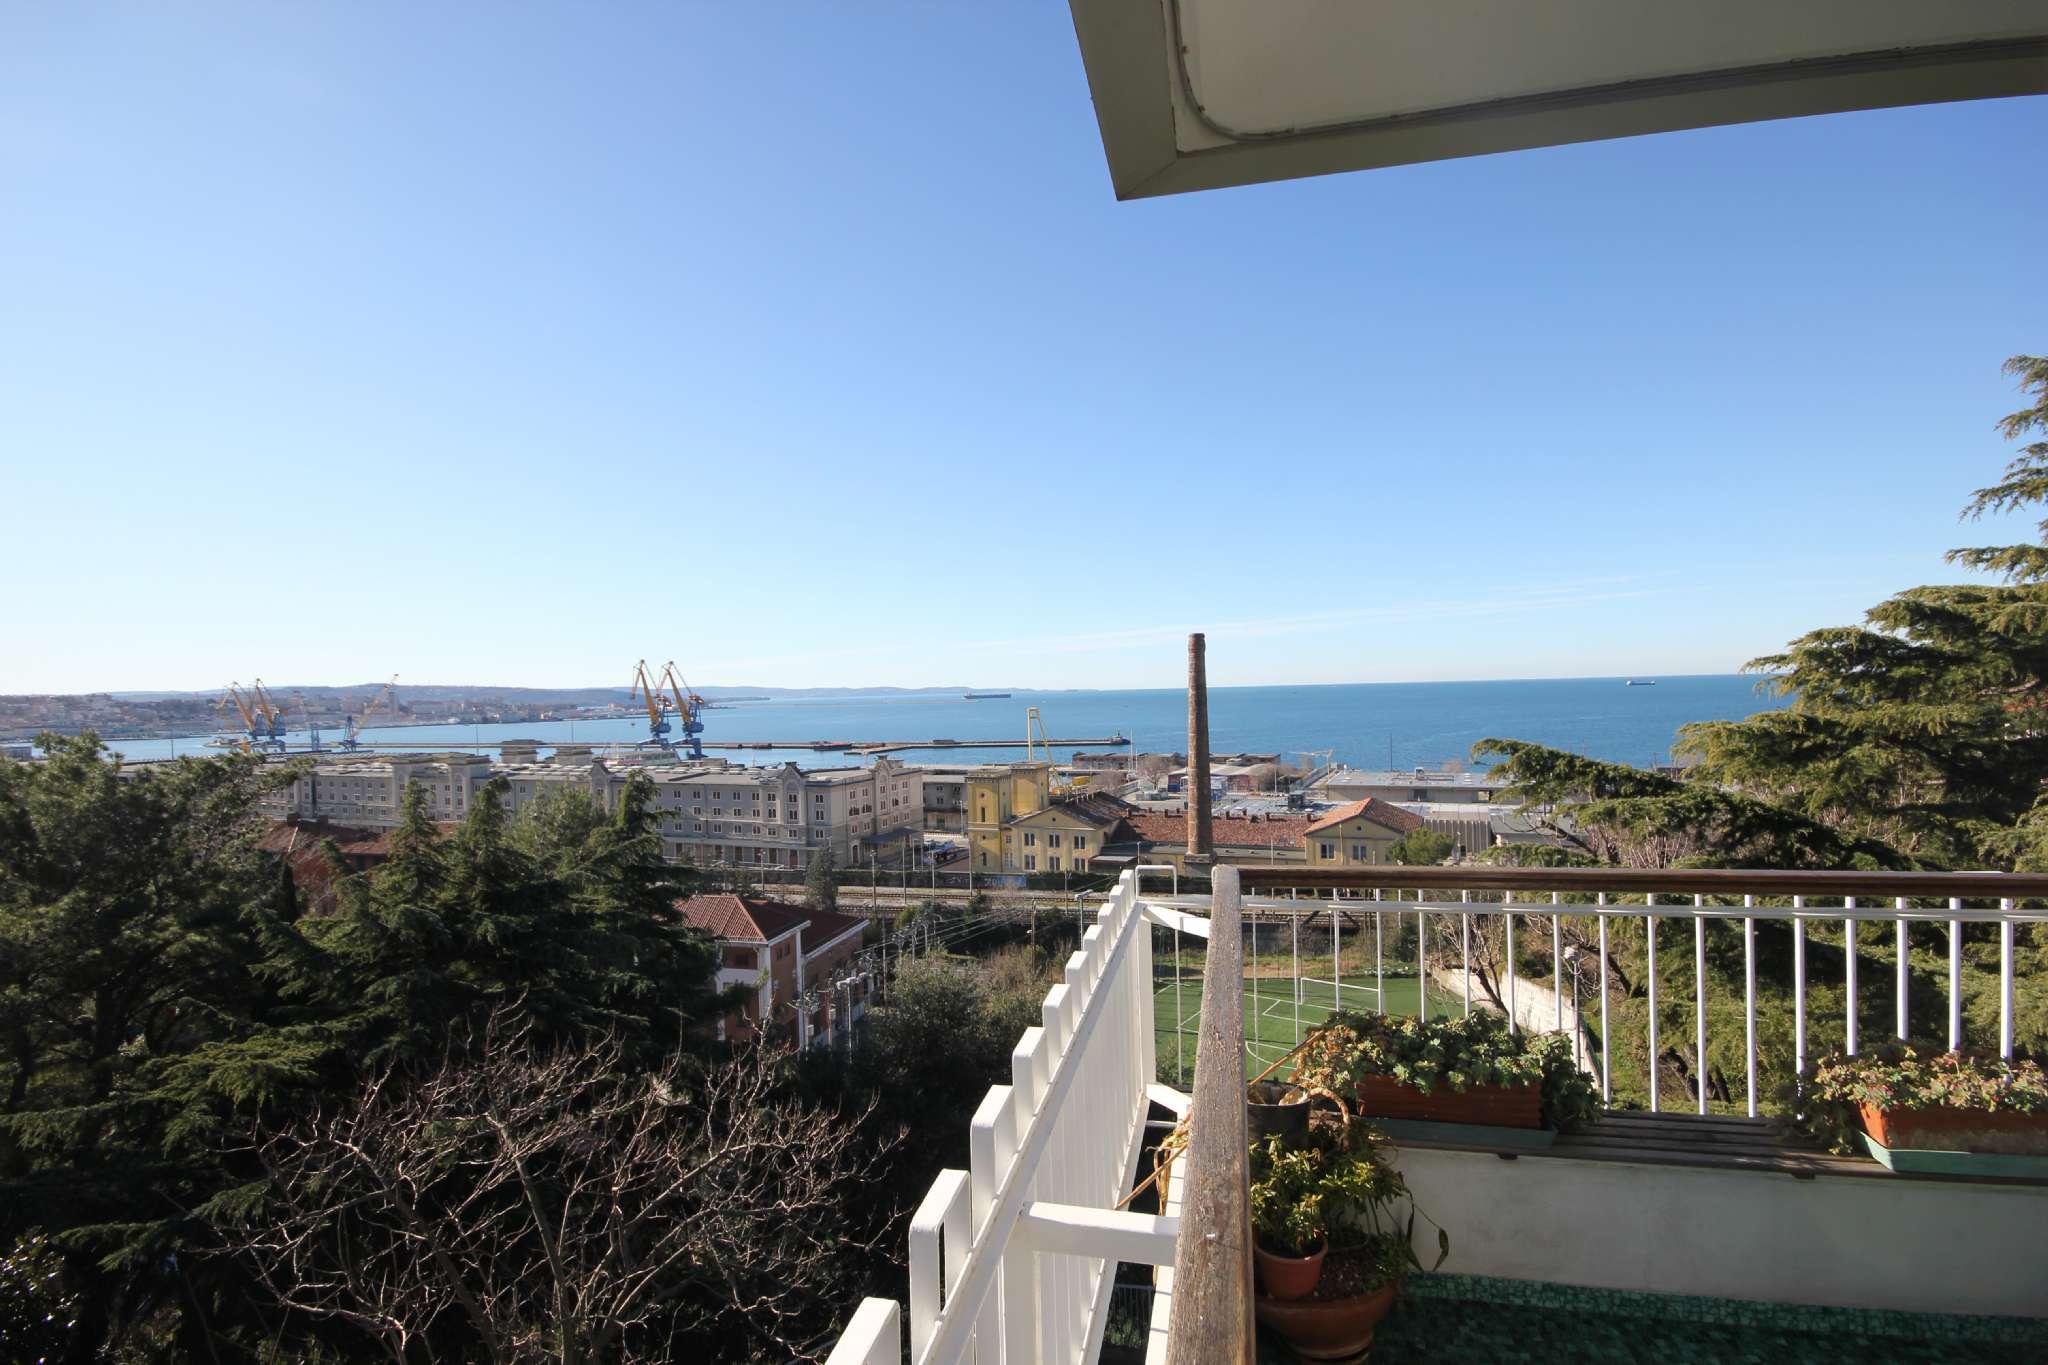 Appartamento in vendita a Trieste, 5 locali, prezzo € 550.000 | PortaleAgenzieImmobiliari.it